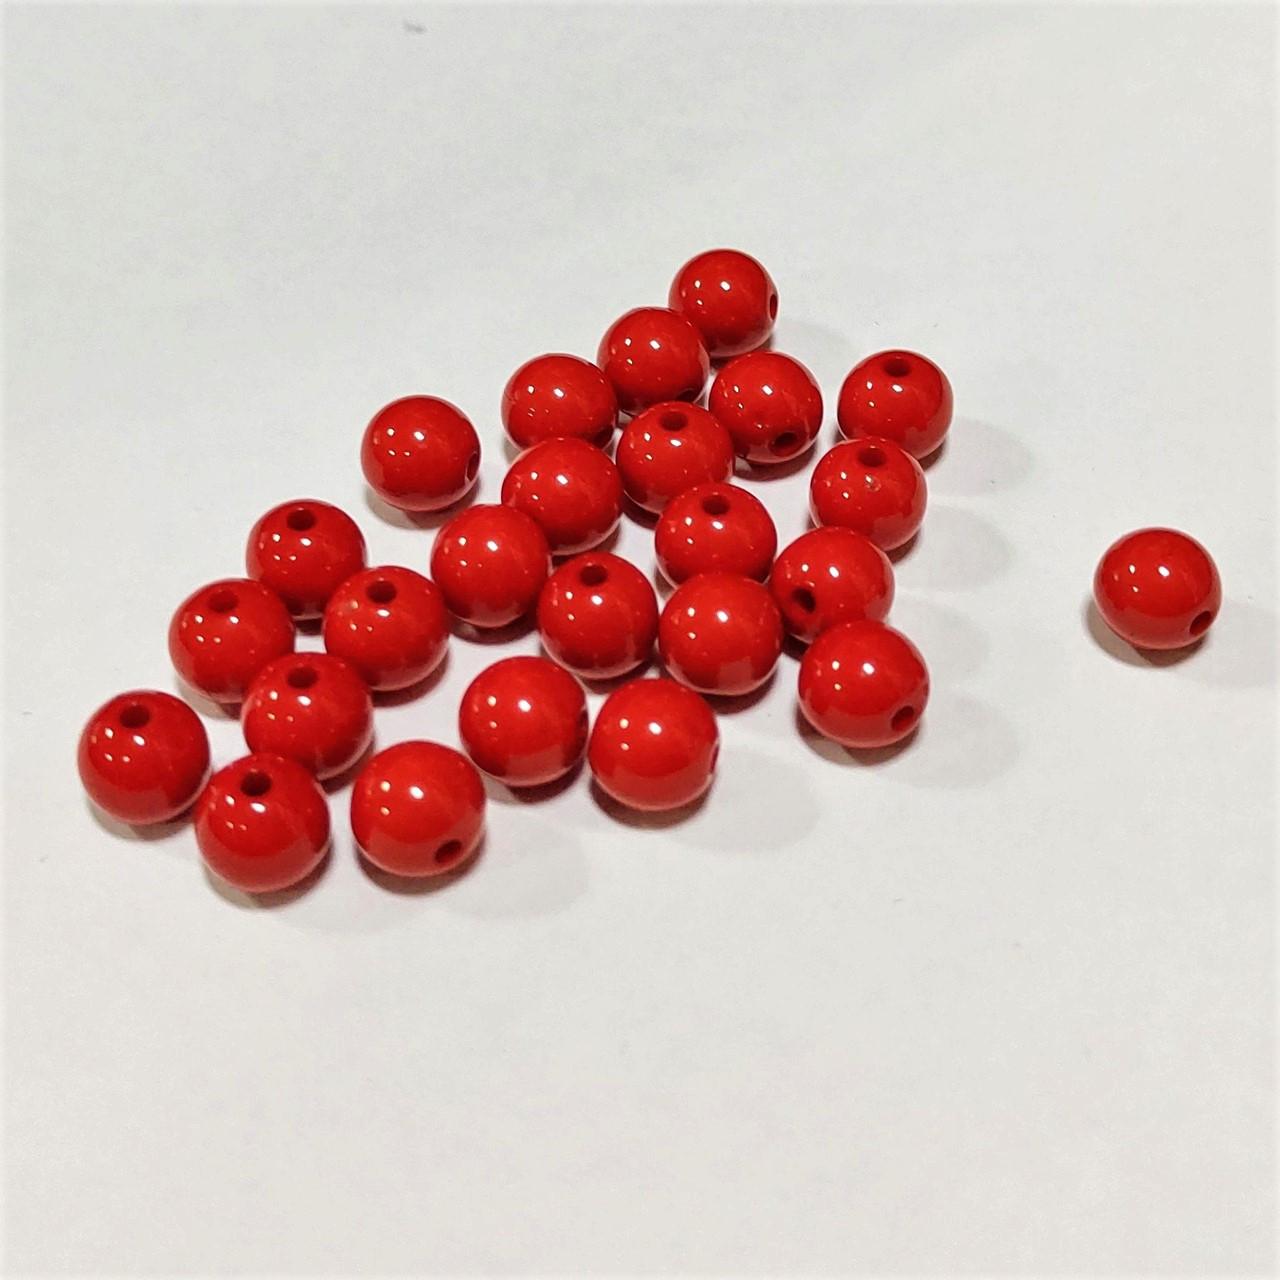 Намистини пластик 25 шт/ 0,8 см, червоні